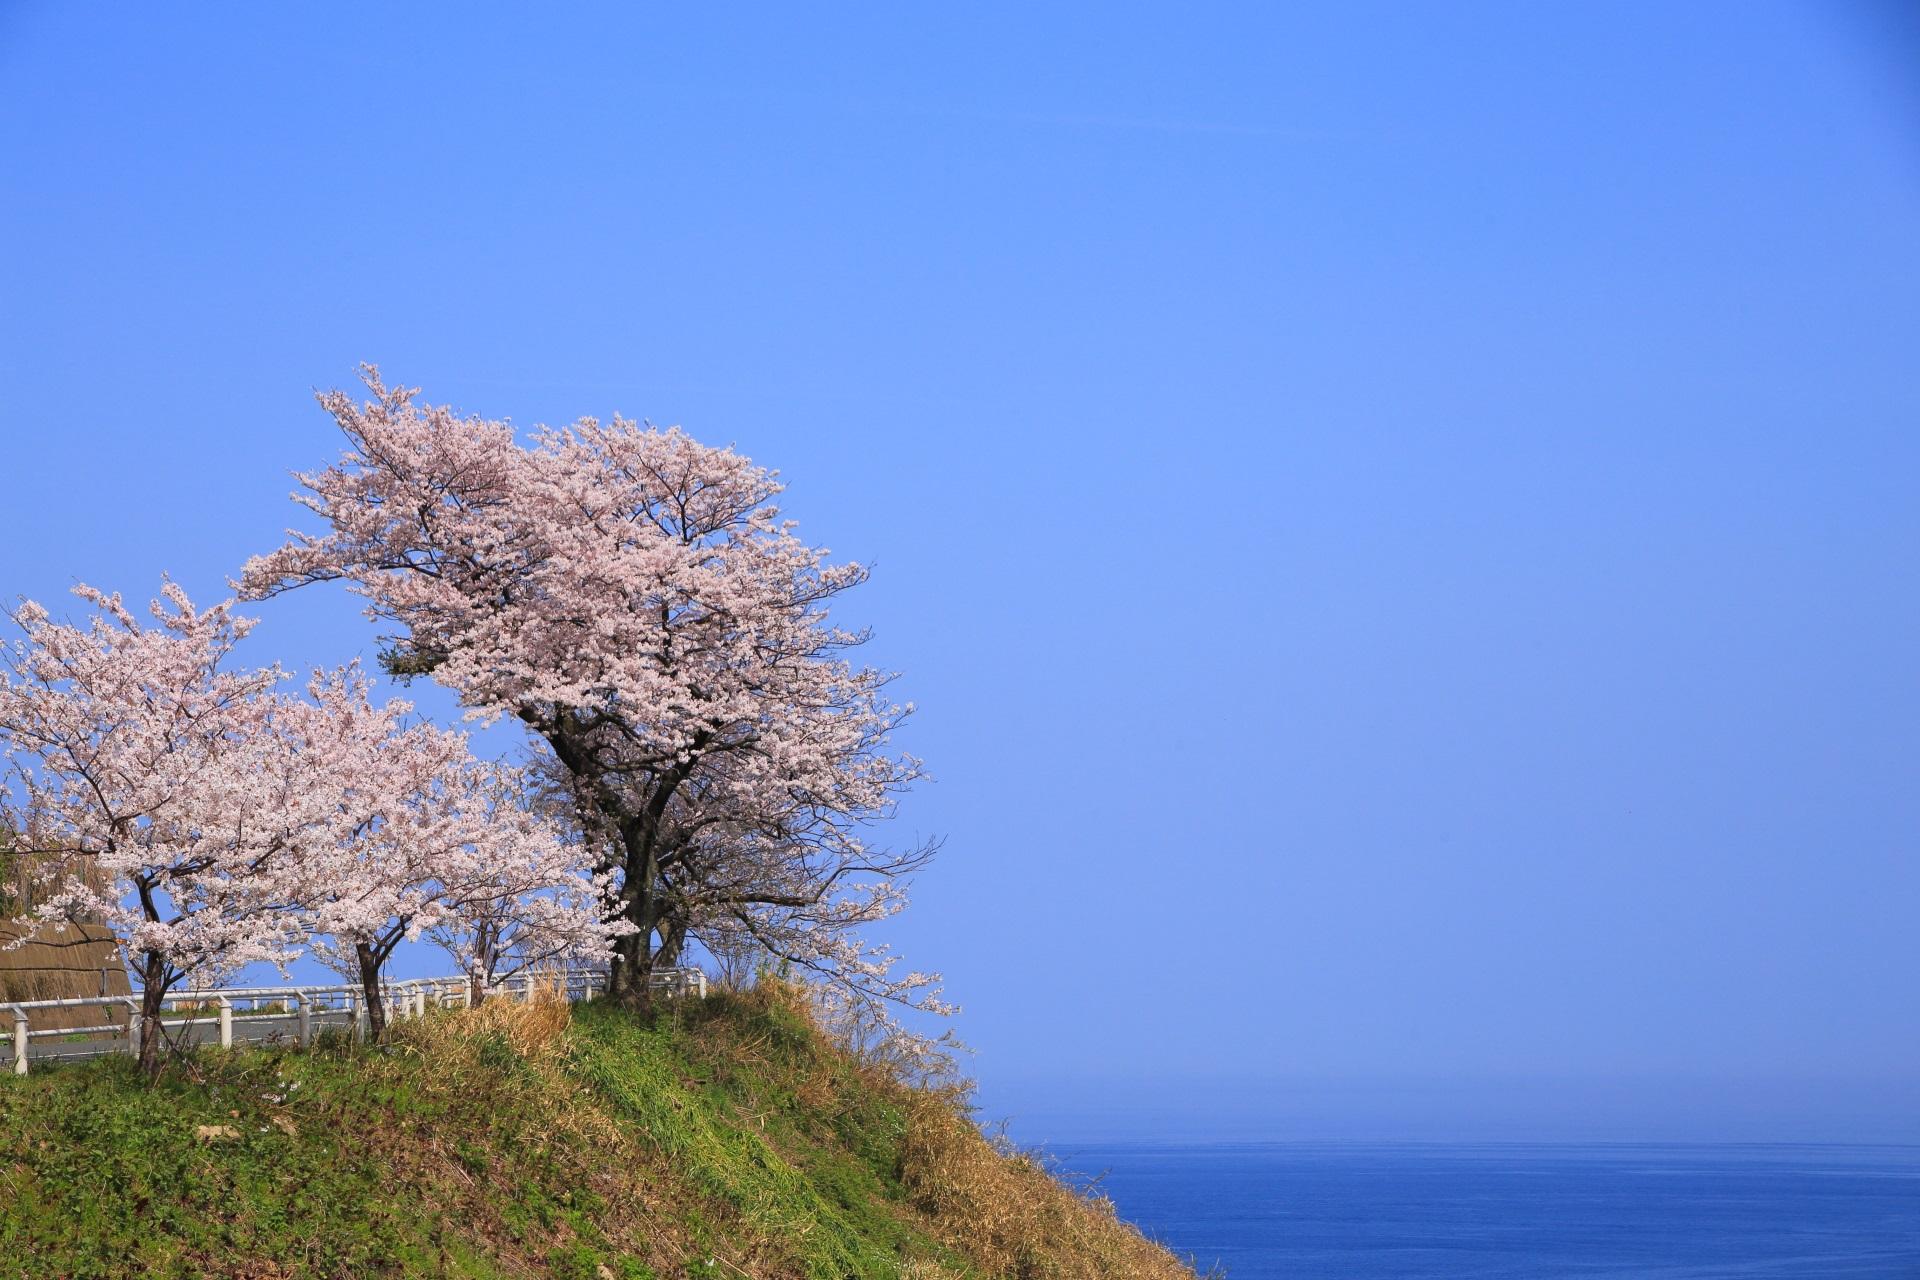 カマヤ海岸の何処までも続きそうな海と空の中で咲き誇る桜